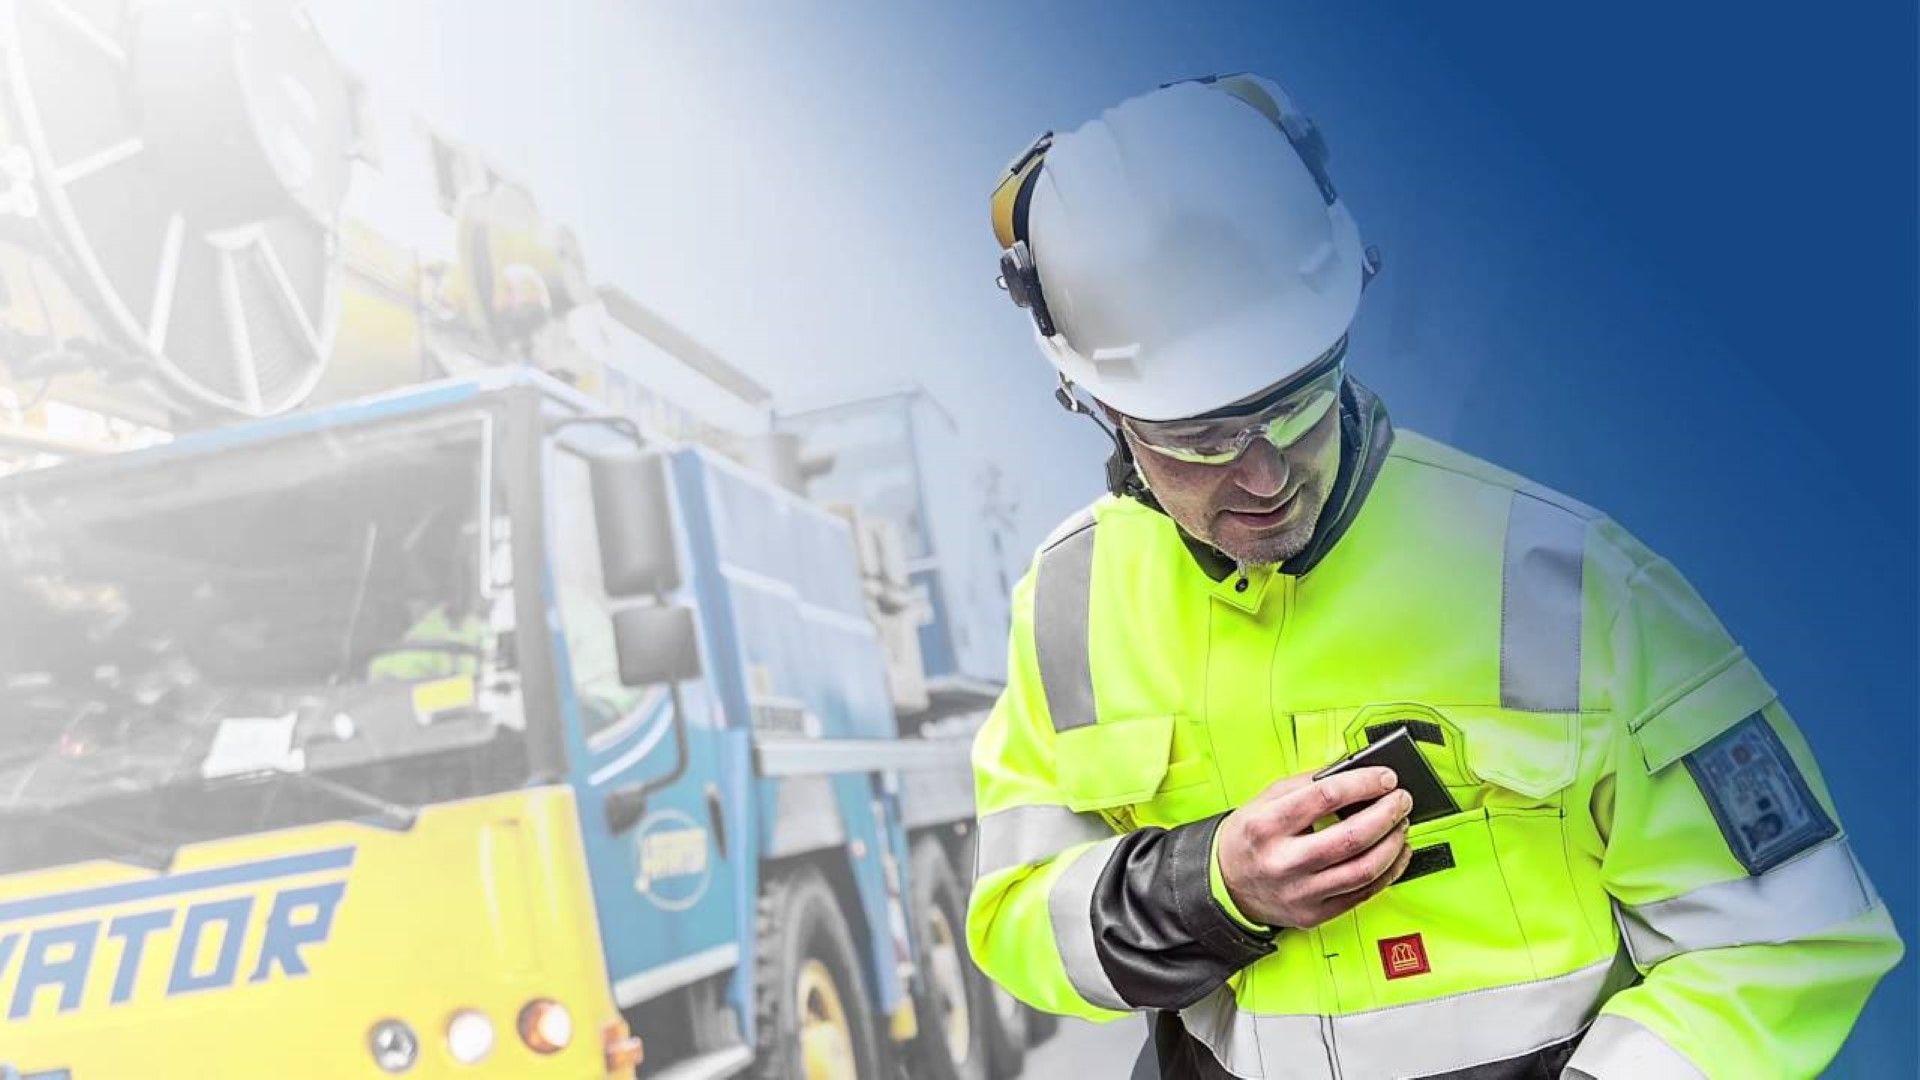 Кои професии изискват работно облекло с висока видимост?